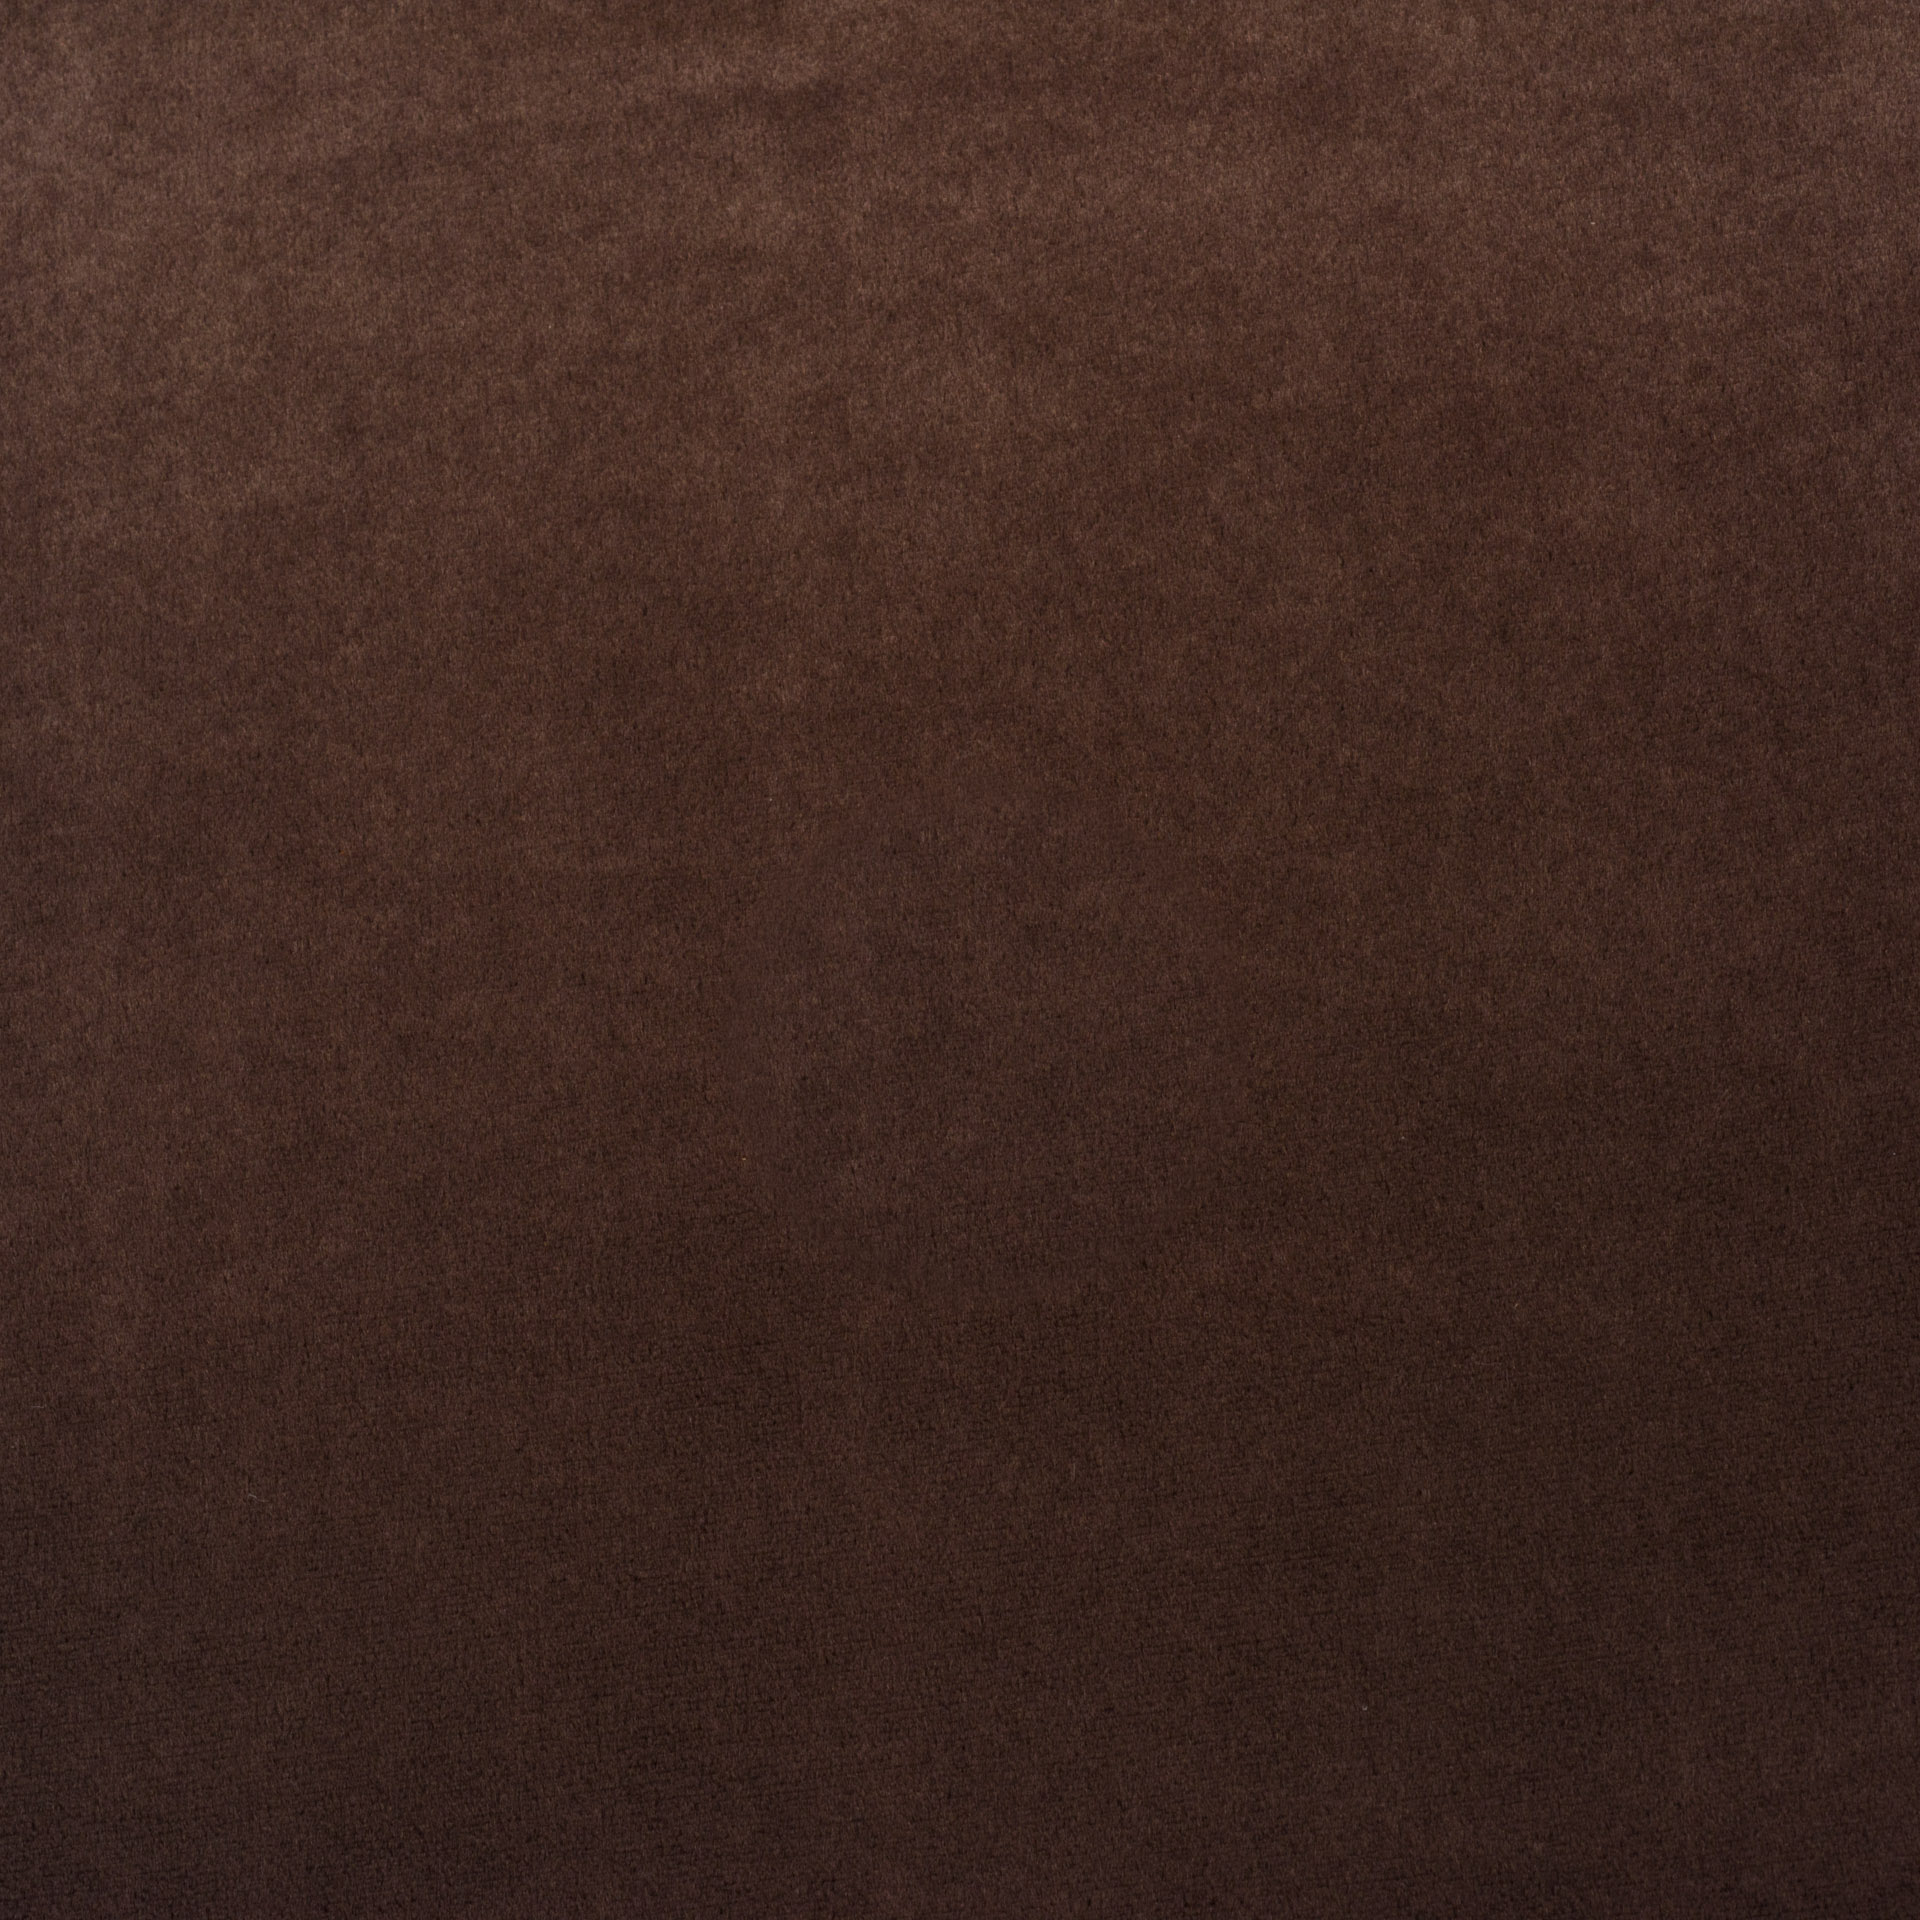 Коллекция ткани Альмира 15 CHOCOLATE SHINE,  купить ткань Велюр для мебели Украина